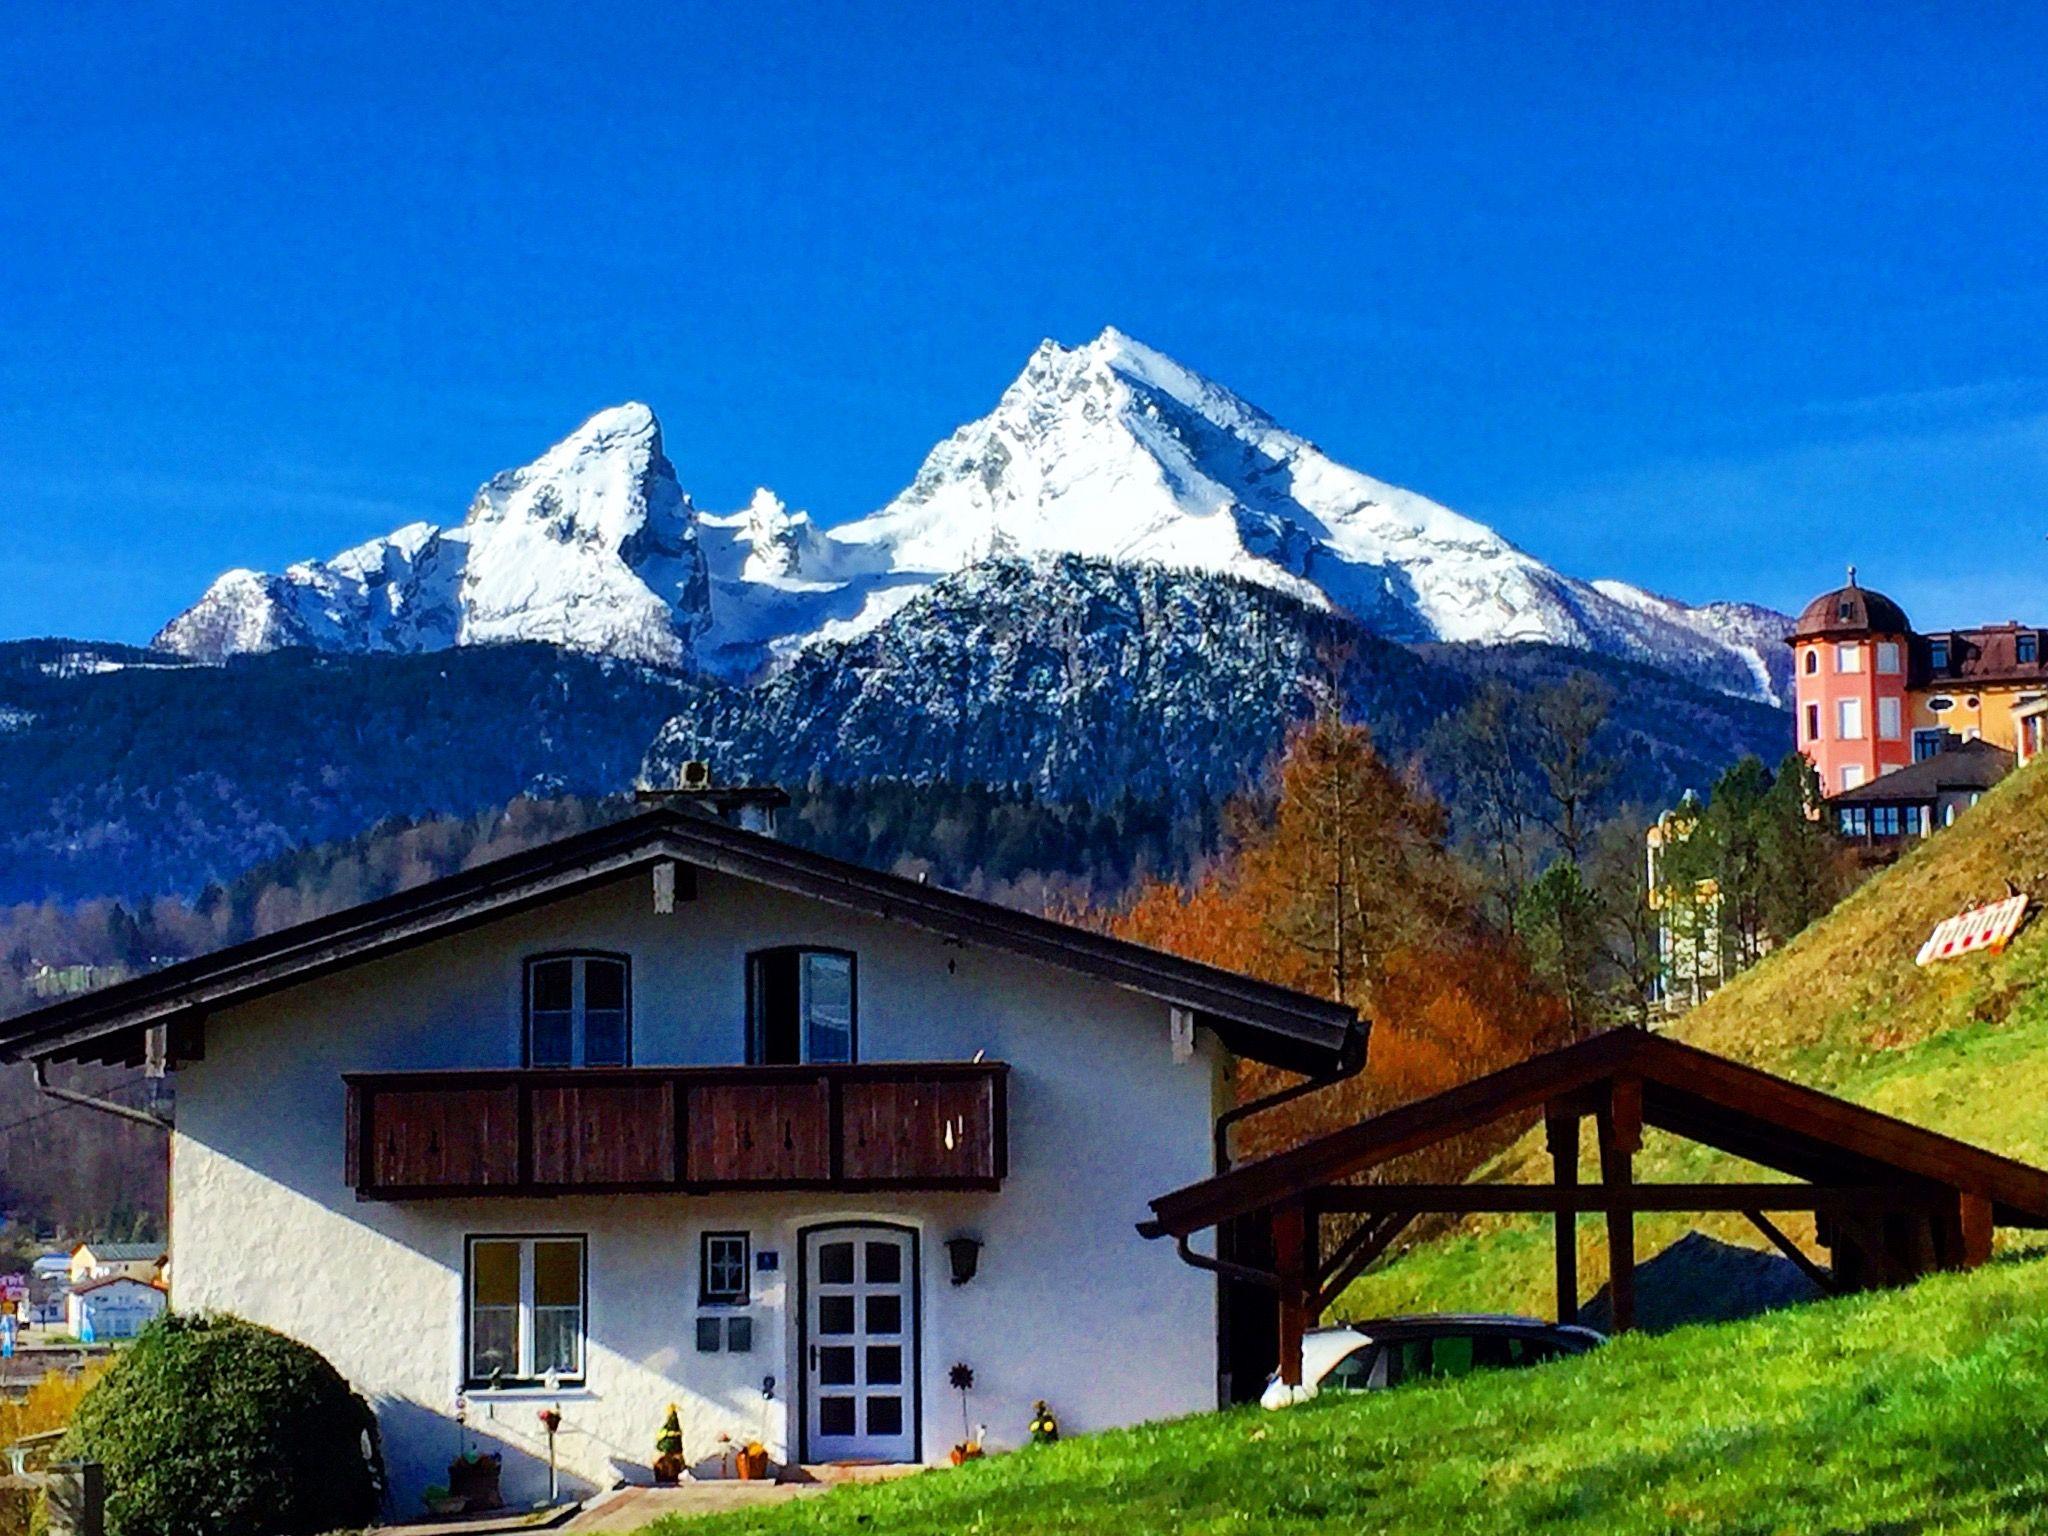 Berchtesgaden Bayern Instagram Wieczorek Barbara Reisen Orte Landschaft